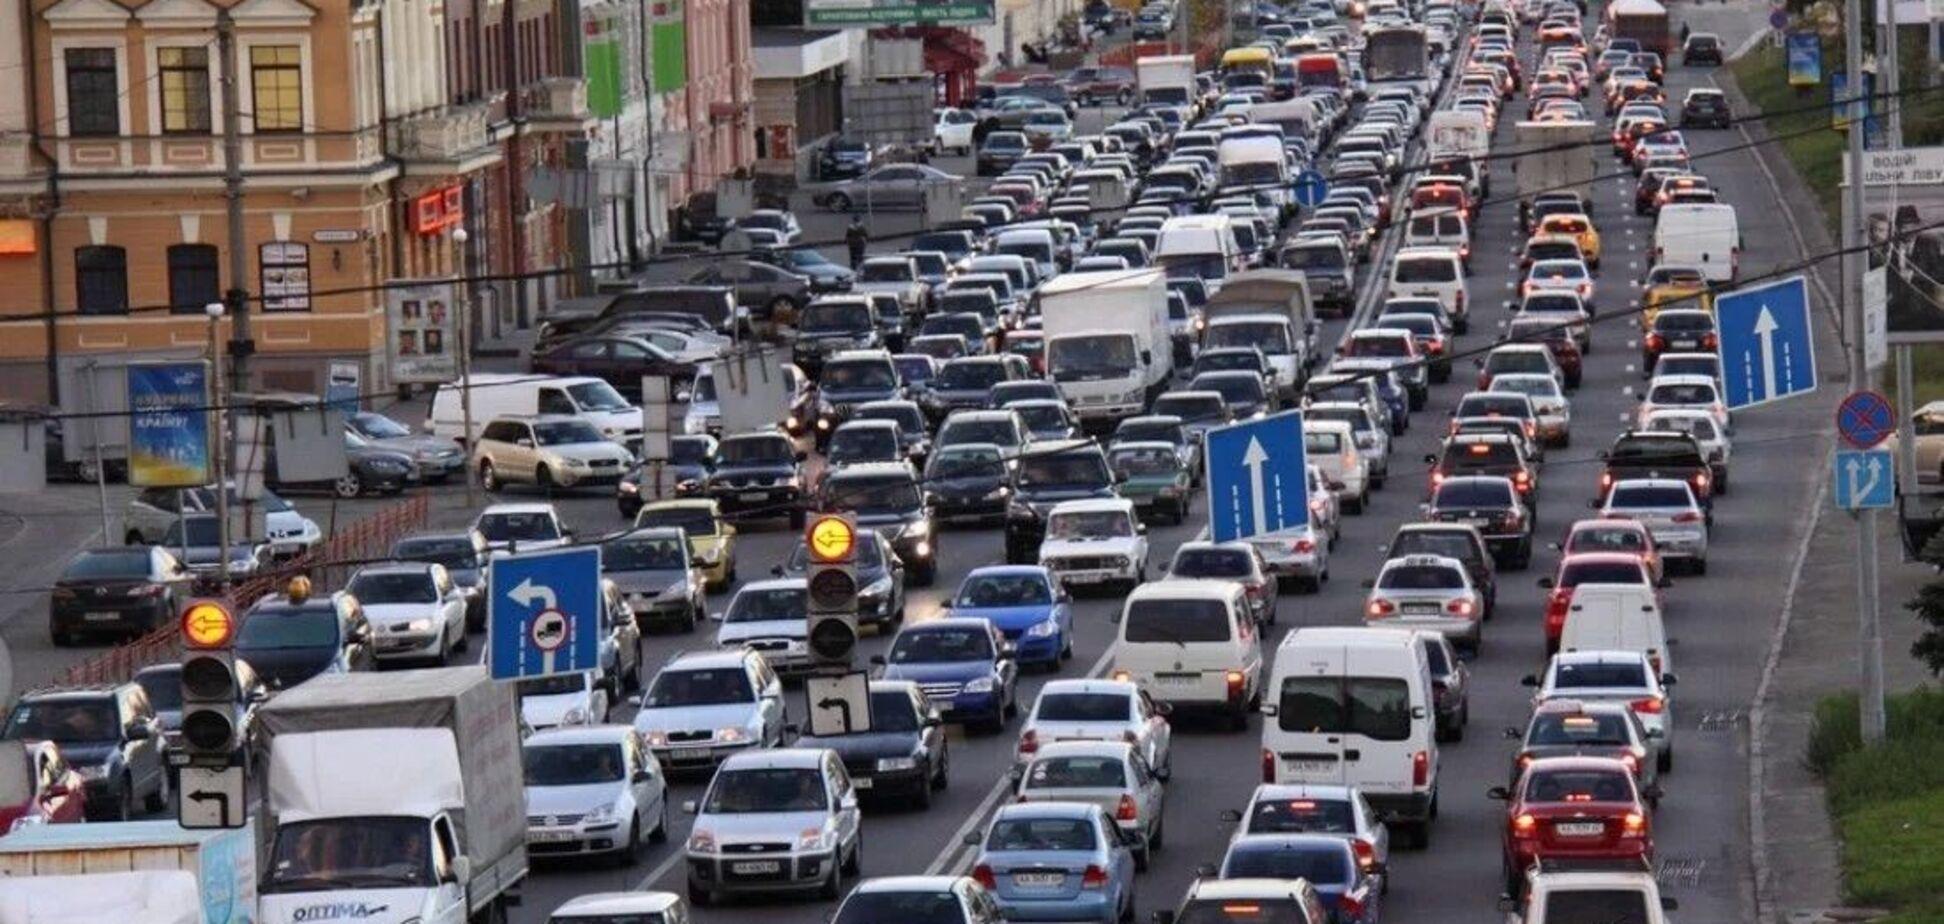 Як розвантажити Київ від заторів: простий спосіб